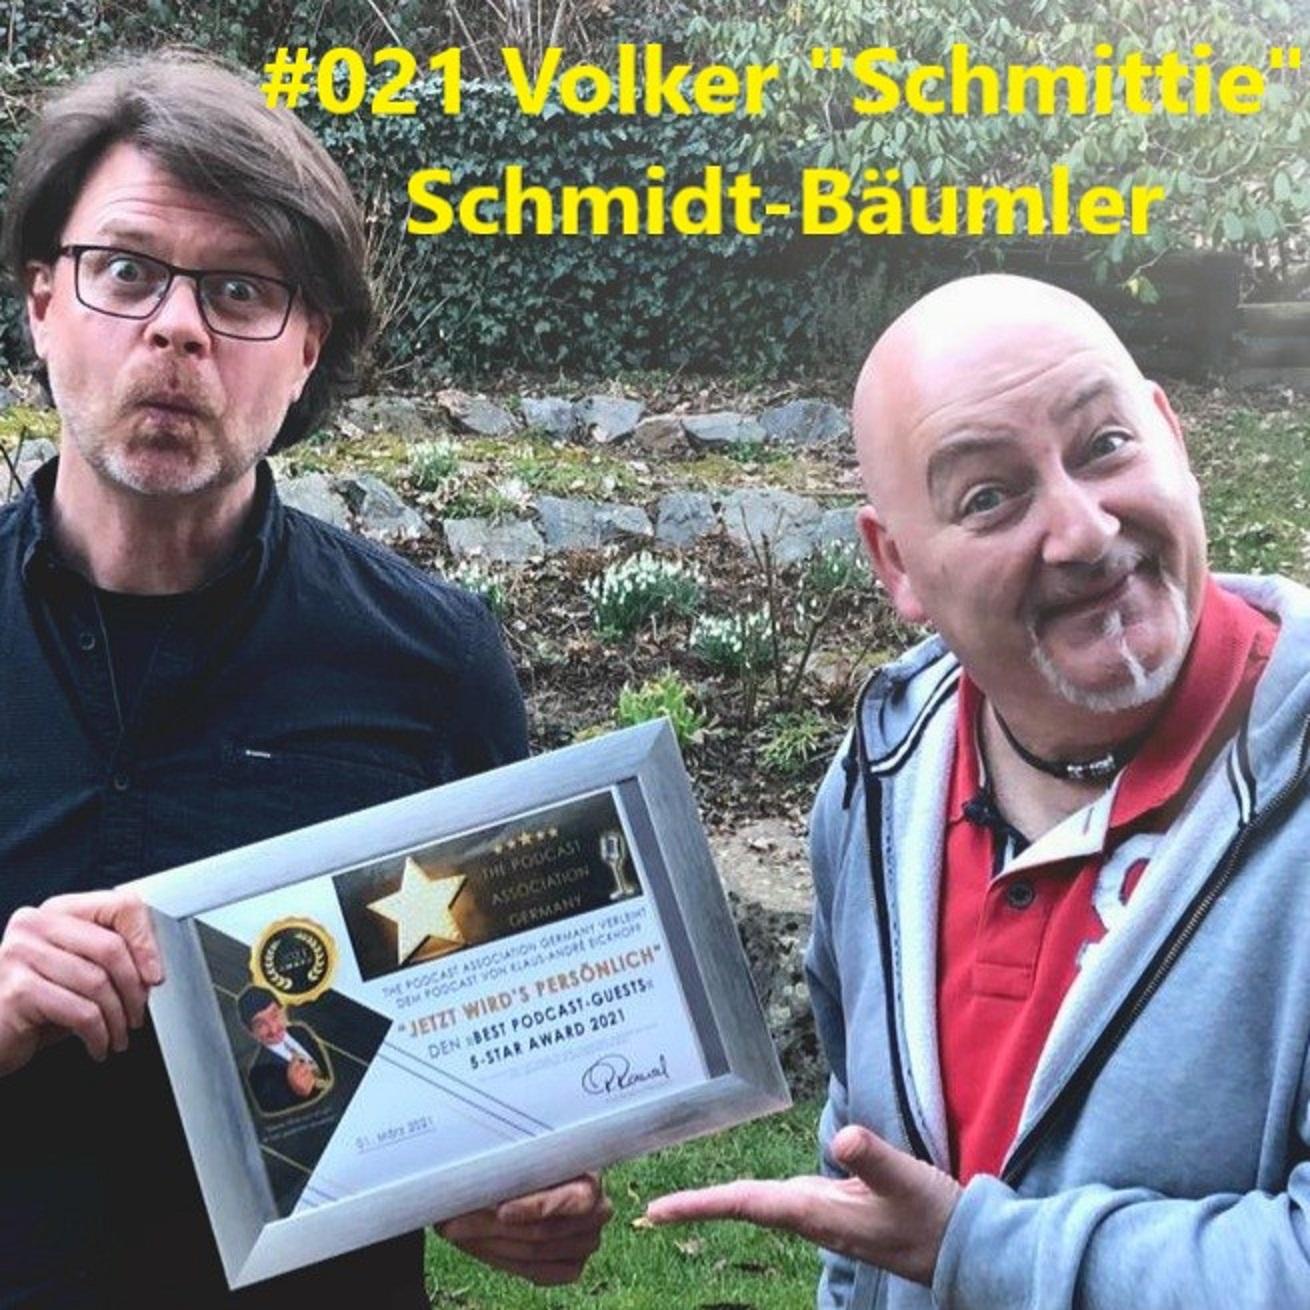 Volker Schmidt-Bäumler